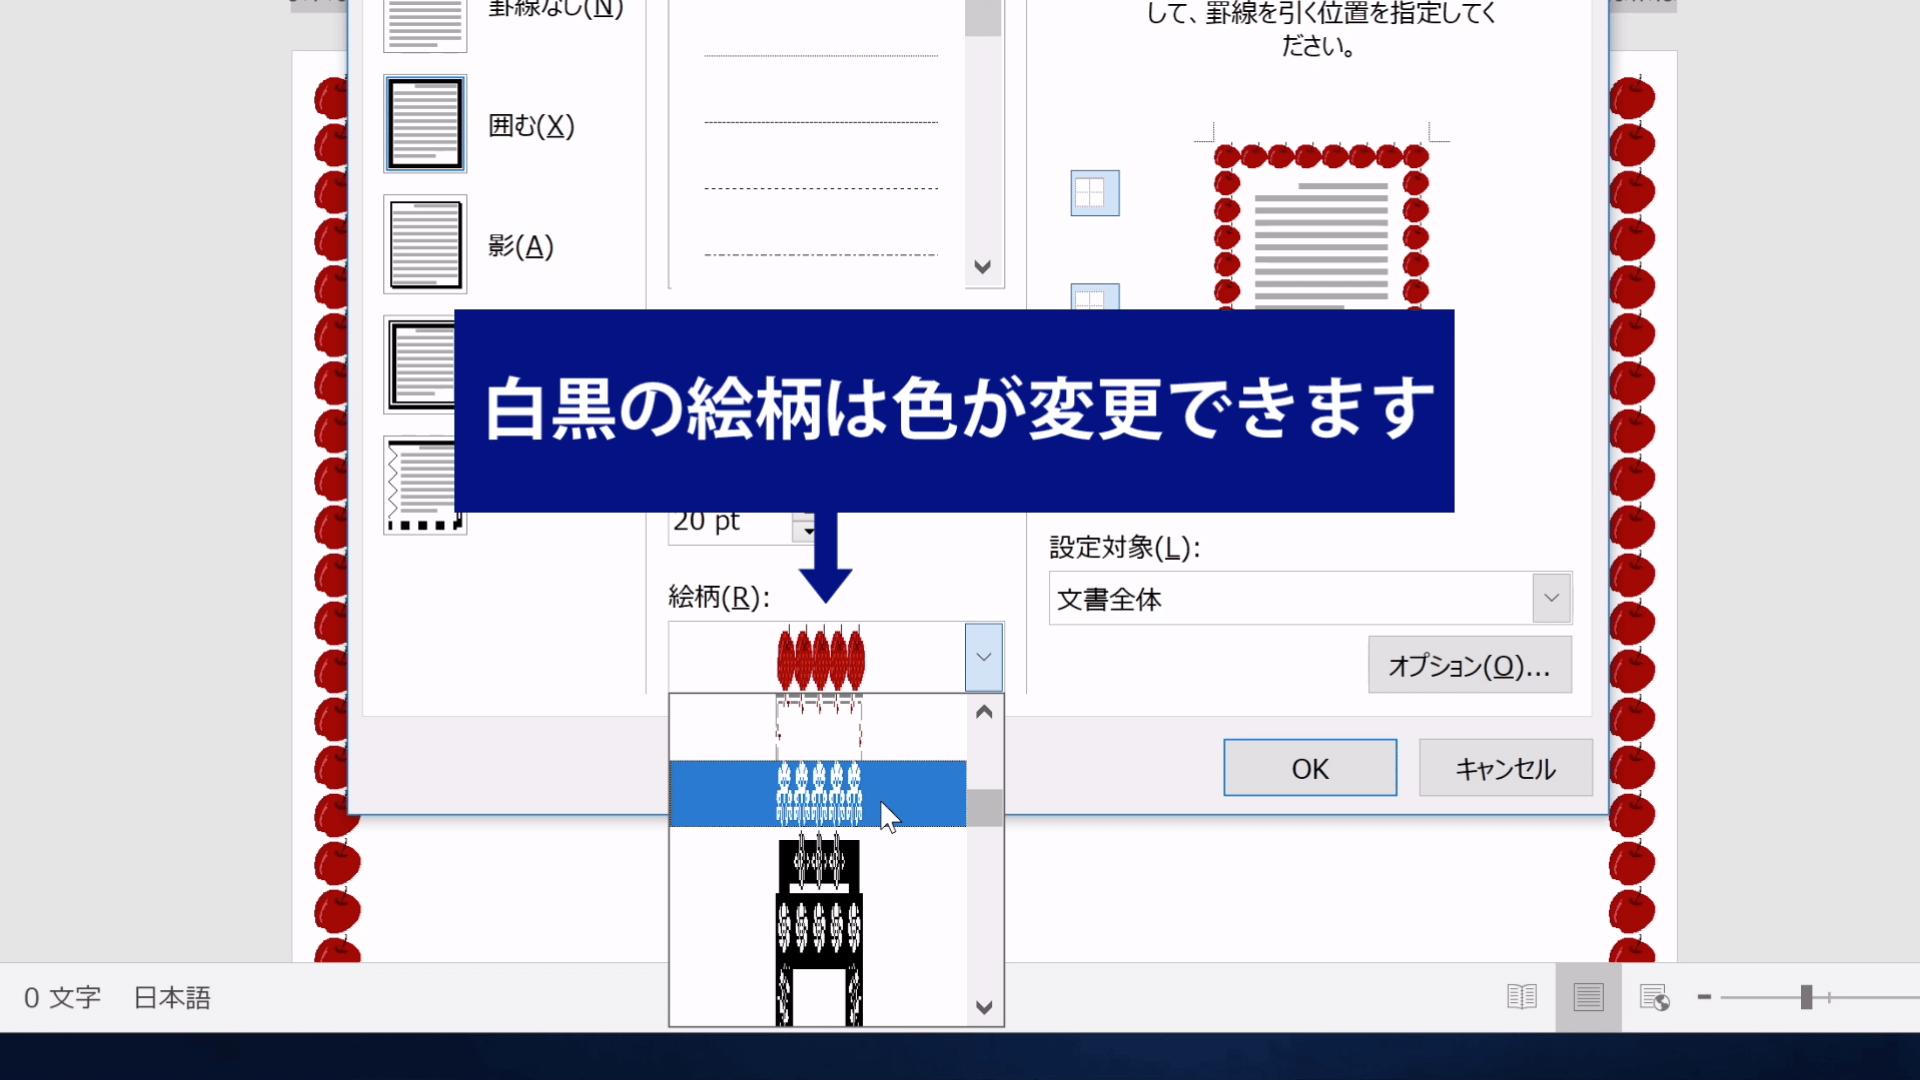 Wordのページ罫線で選択できる白黒のイラストの種類を示した図